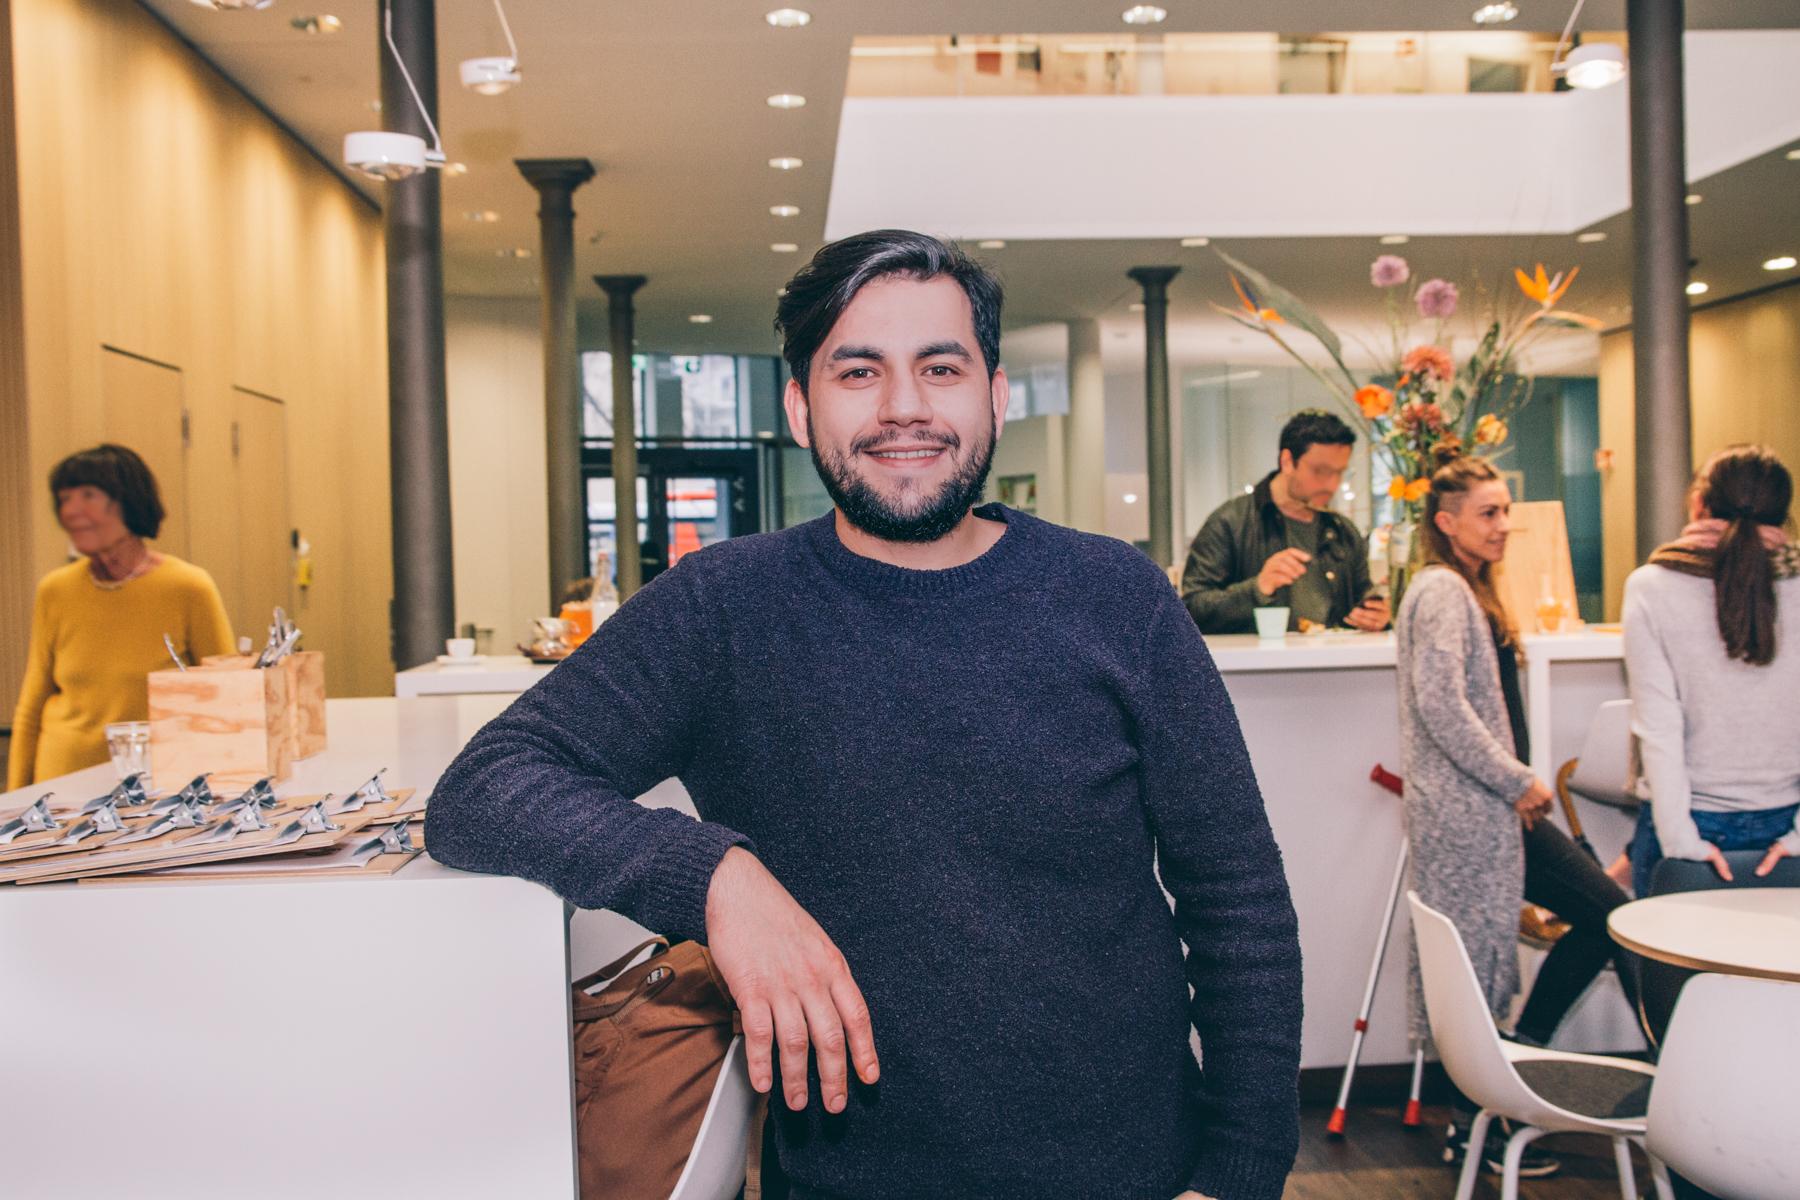 Mohamed hat mit seinen Kollegen eine neue Familie gefunden. – ©wunderland media GmbH